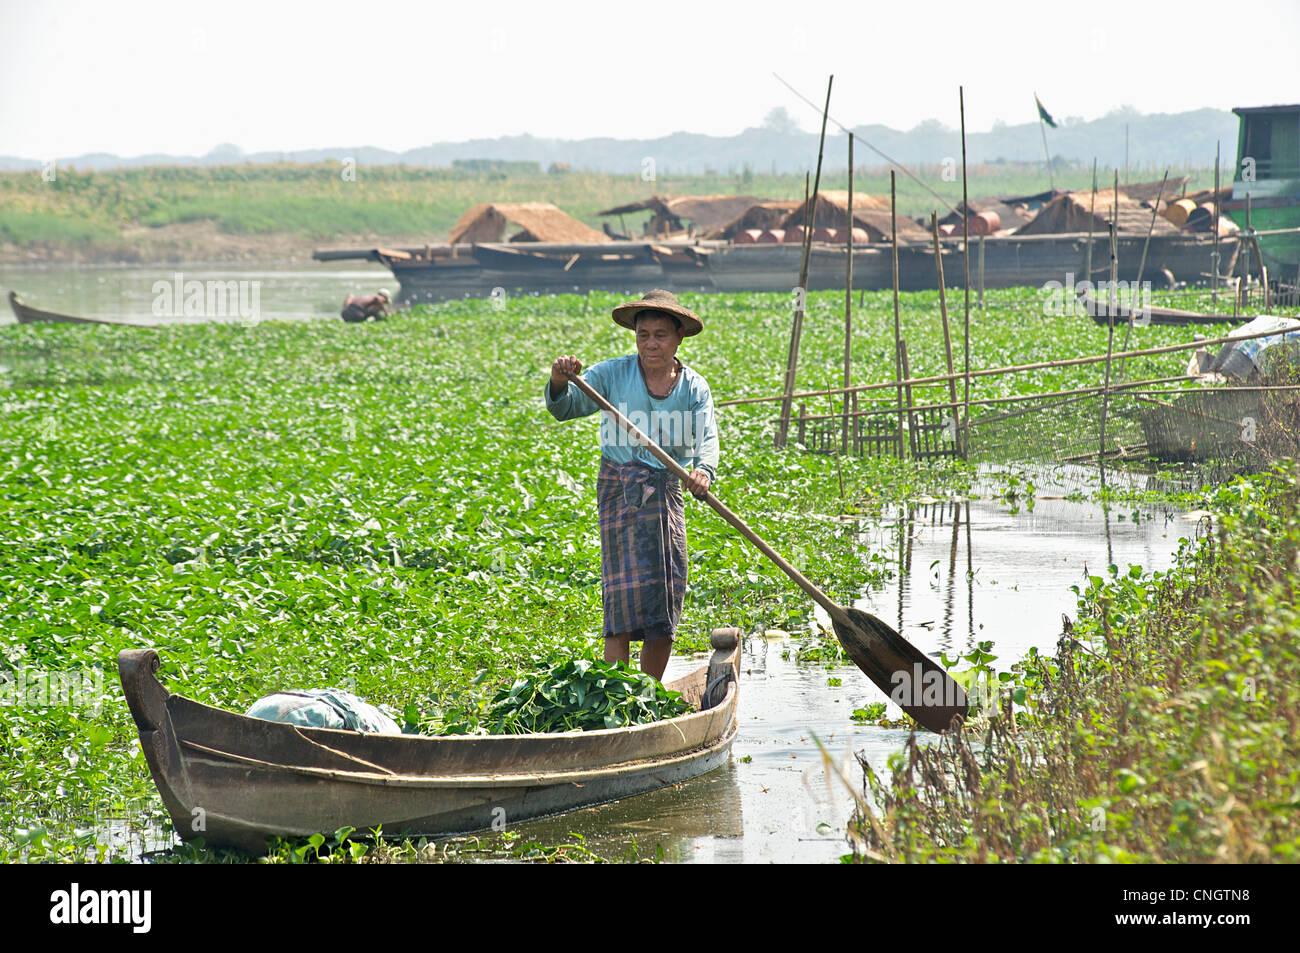 Burmese man standing rowing canoe and collecting aquatic plants, Ayeyarwady river between Mandalay and Sagaing, - Stock Image